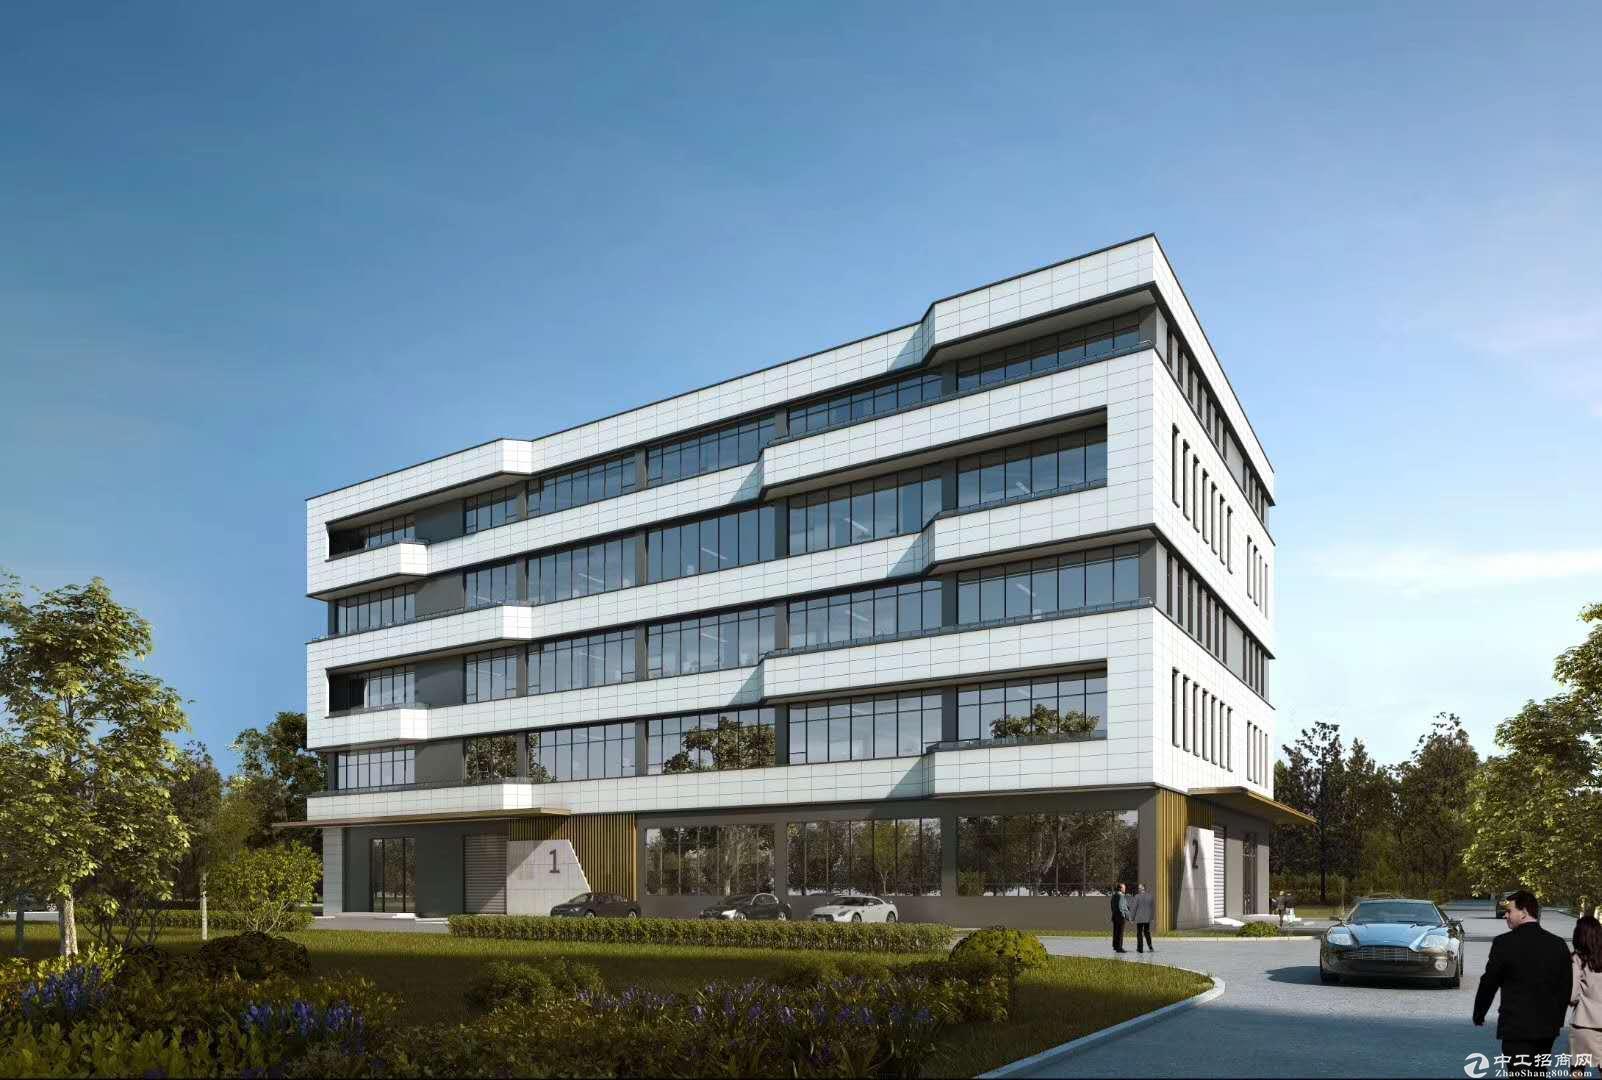 户型面积:面积段较灵活,主力户型二三层1200~3600平独立栋双拼厂房、研发楼